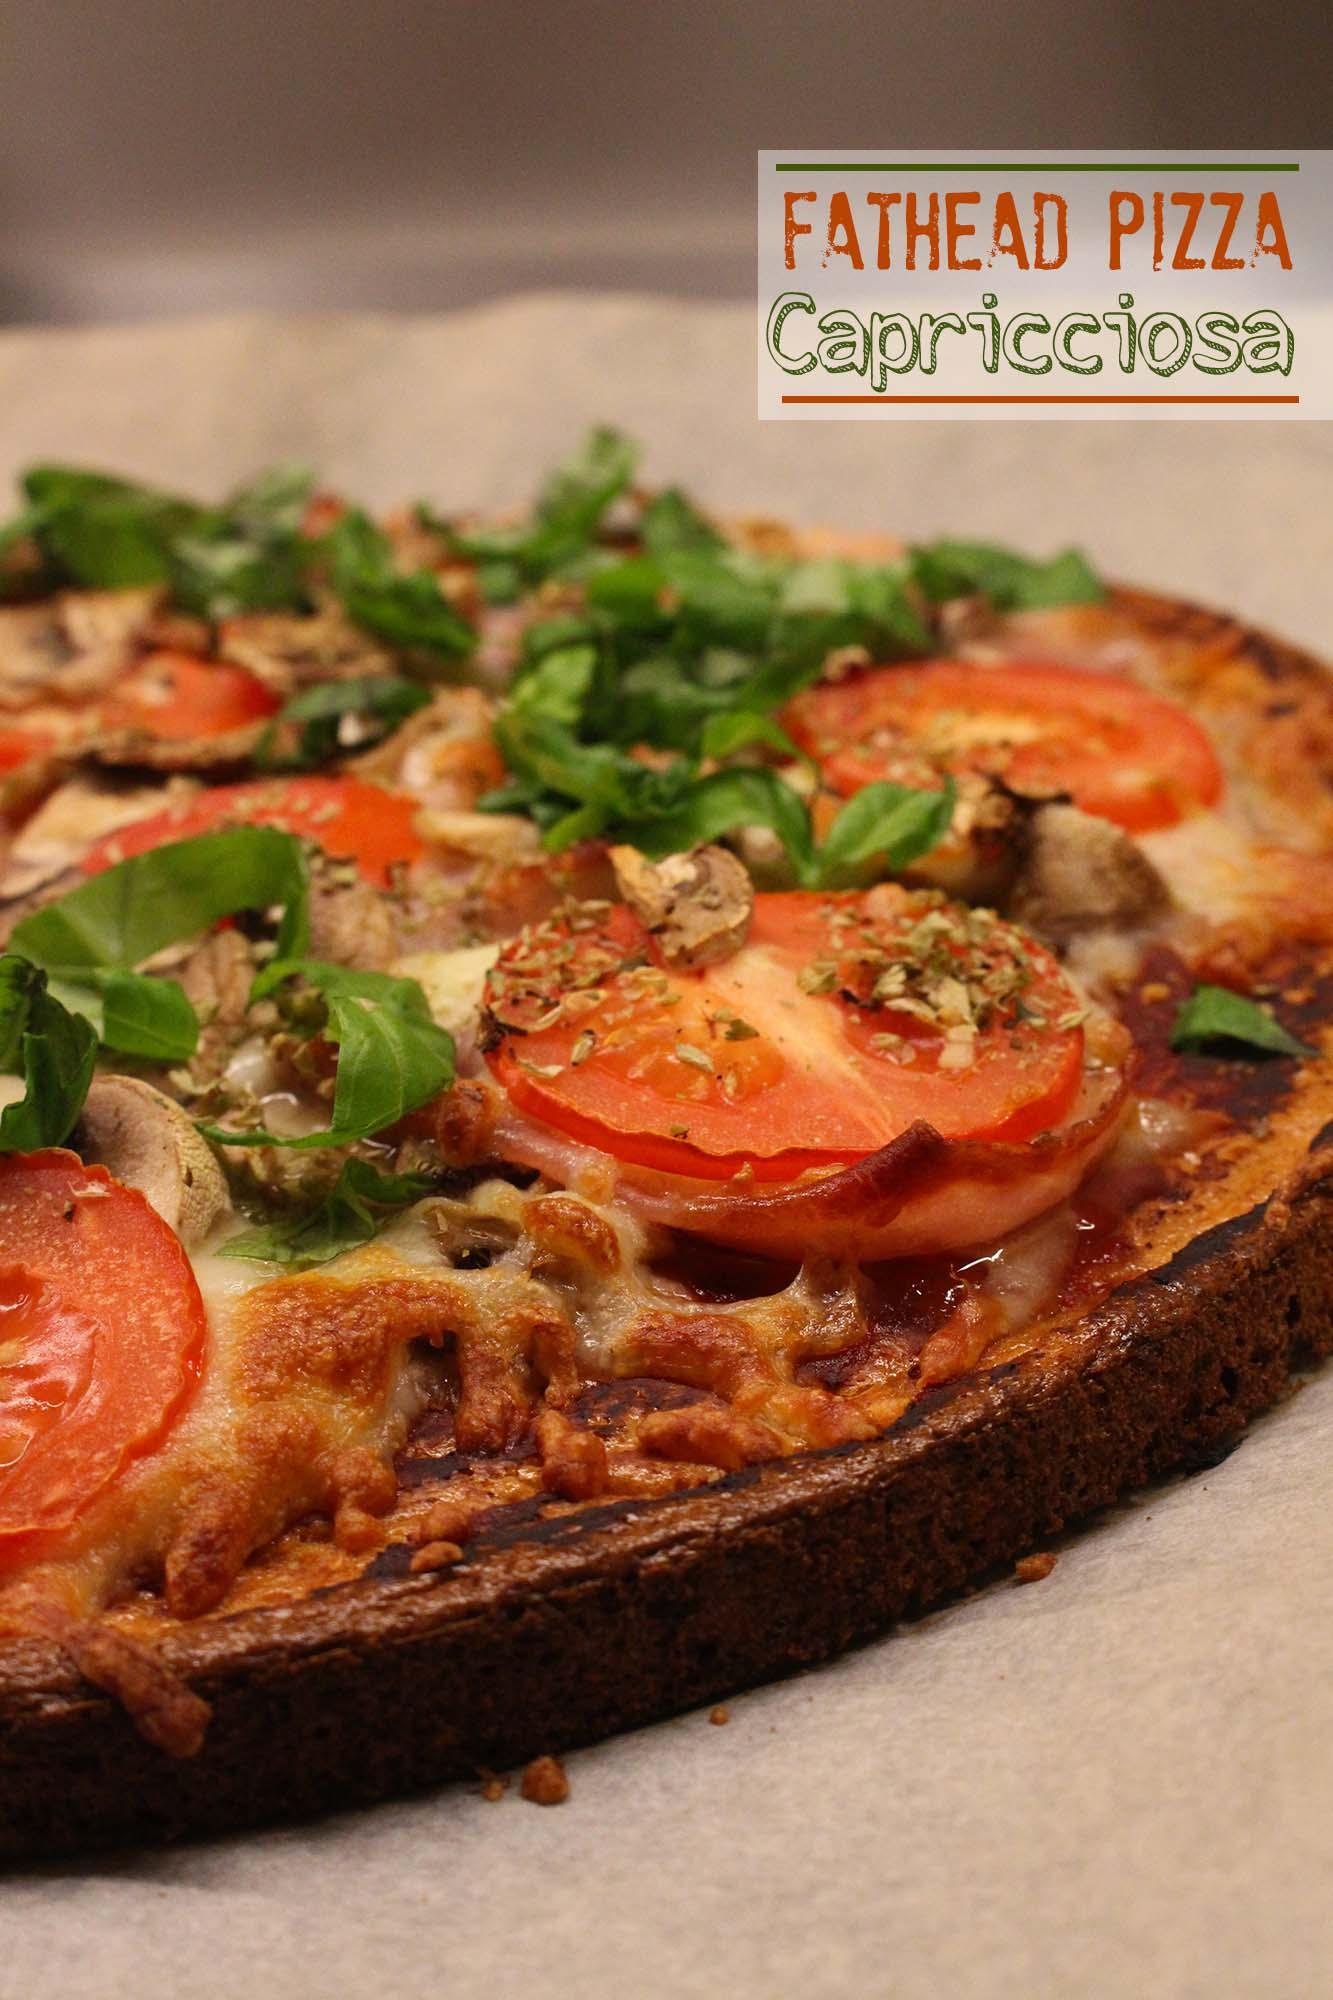 Fathead pizza capricciosa